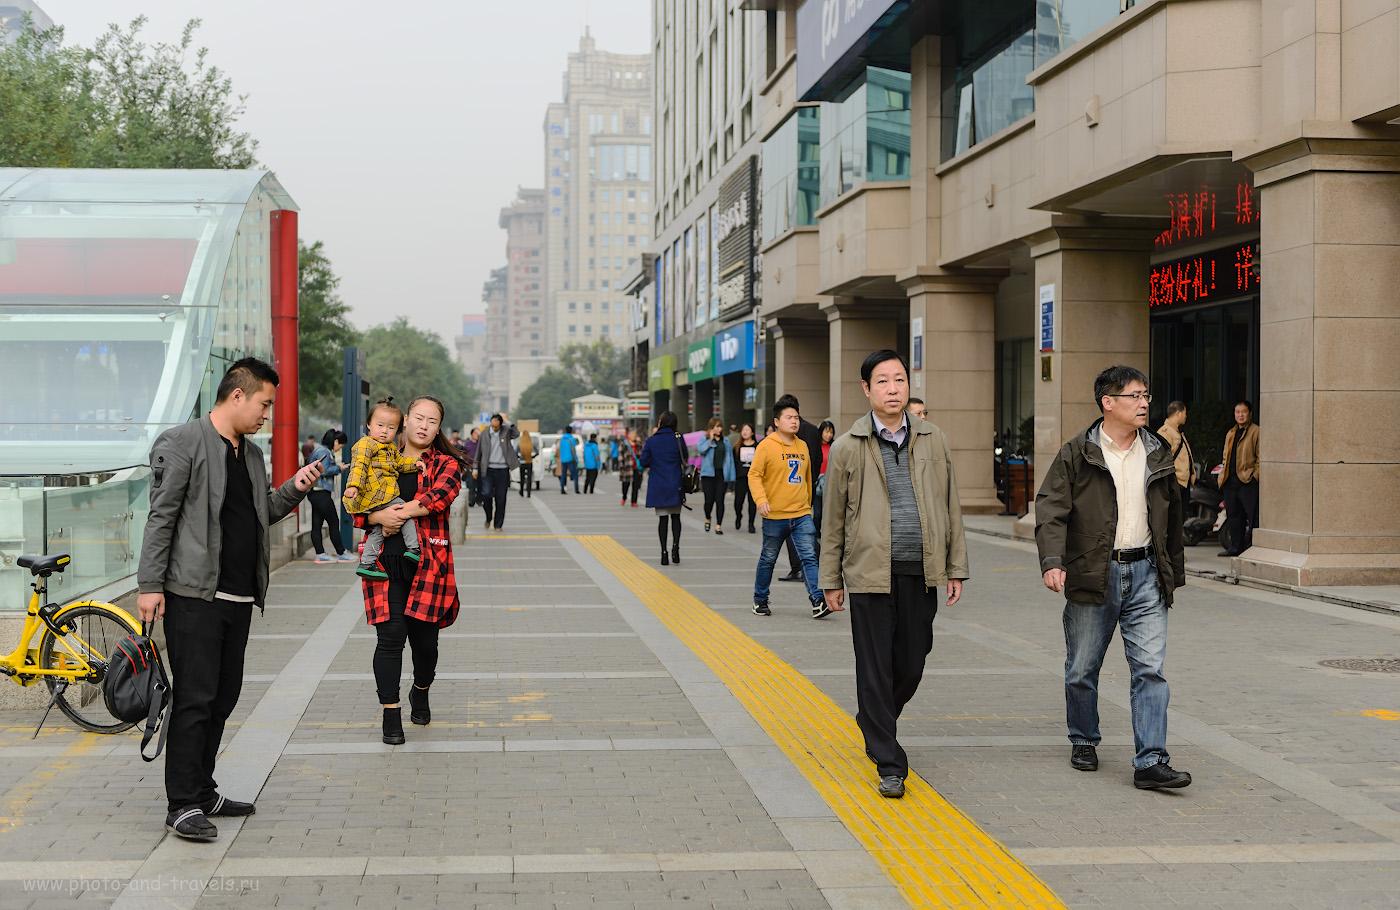 Фотография 5. Сиань. Пешеходы на улице. Отзыв о путешествии по Китаю самостоятельно. Фотоаппарат Nikon D610, объектив Nikon 24-70mm f/2.8G. Настройки: выдержка 1/1000 секунды, экспокоррекция 0EV, диафрагма f/2.8, ISO 100, ФР=48 мм.